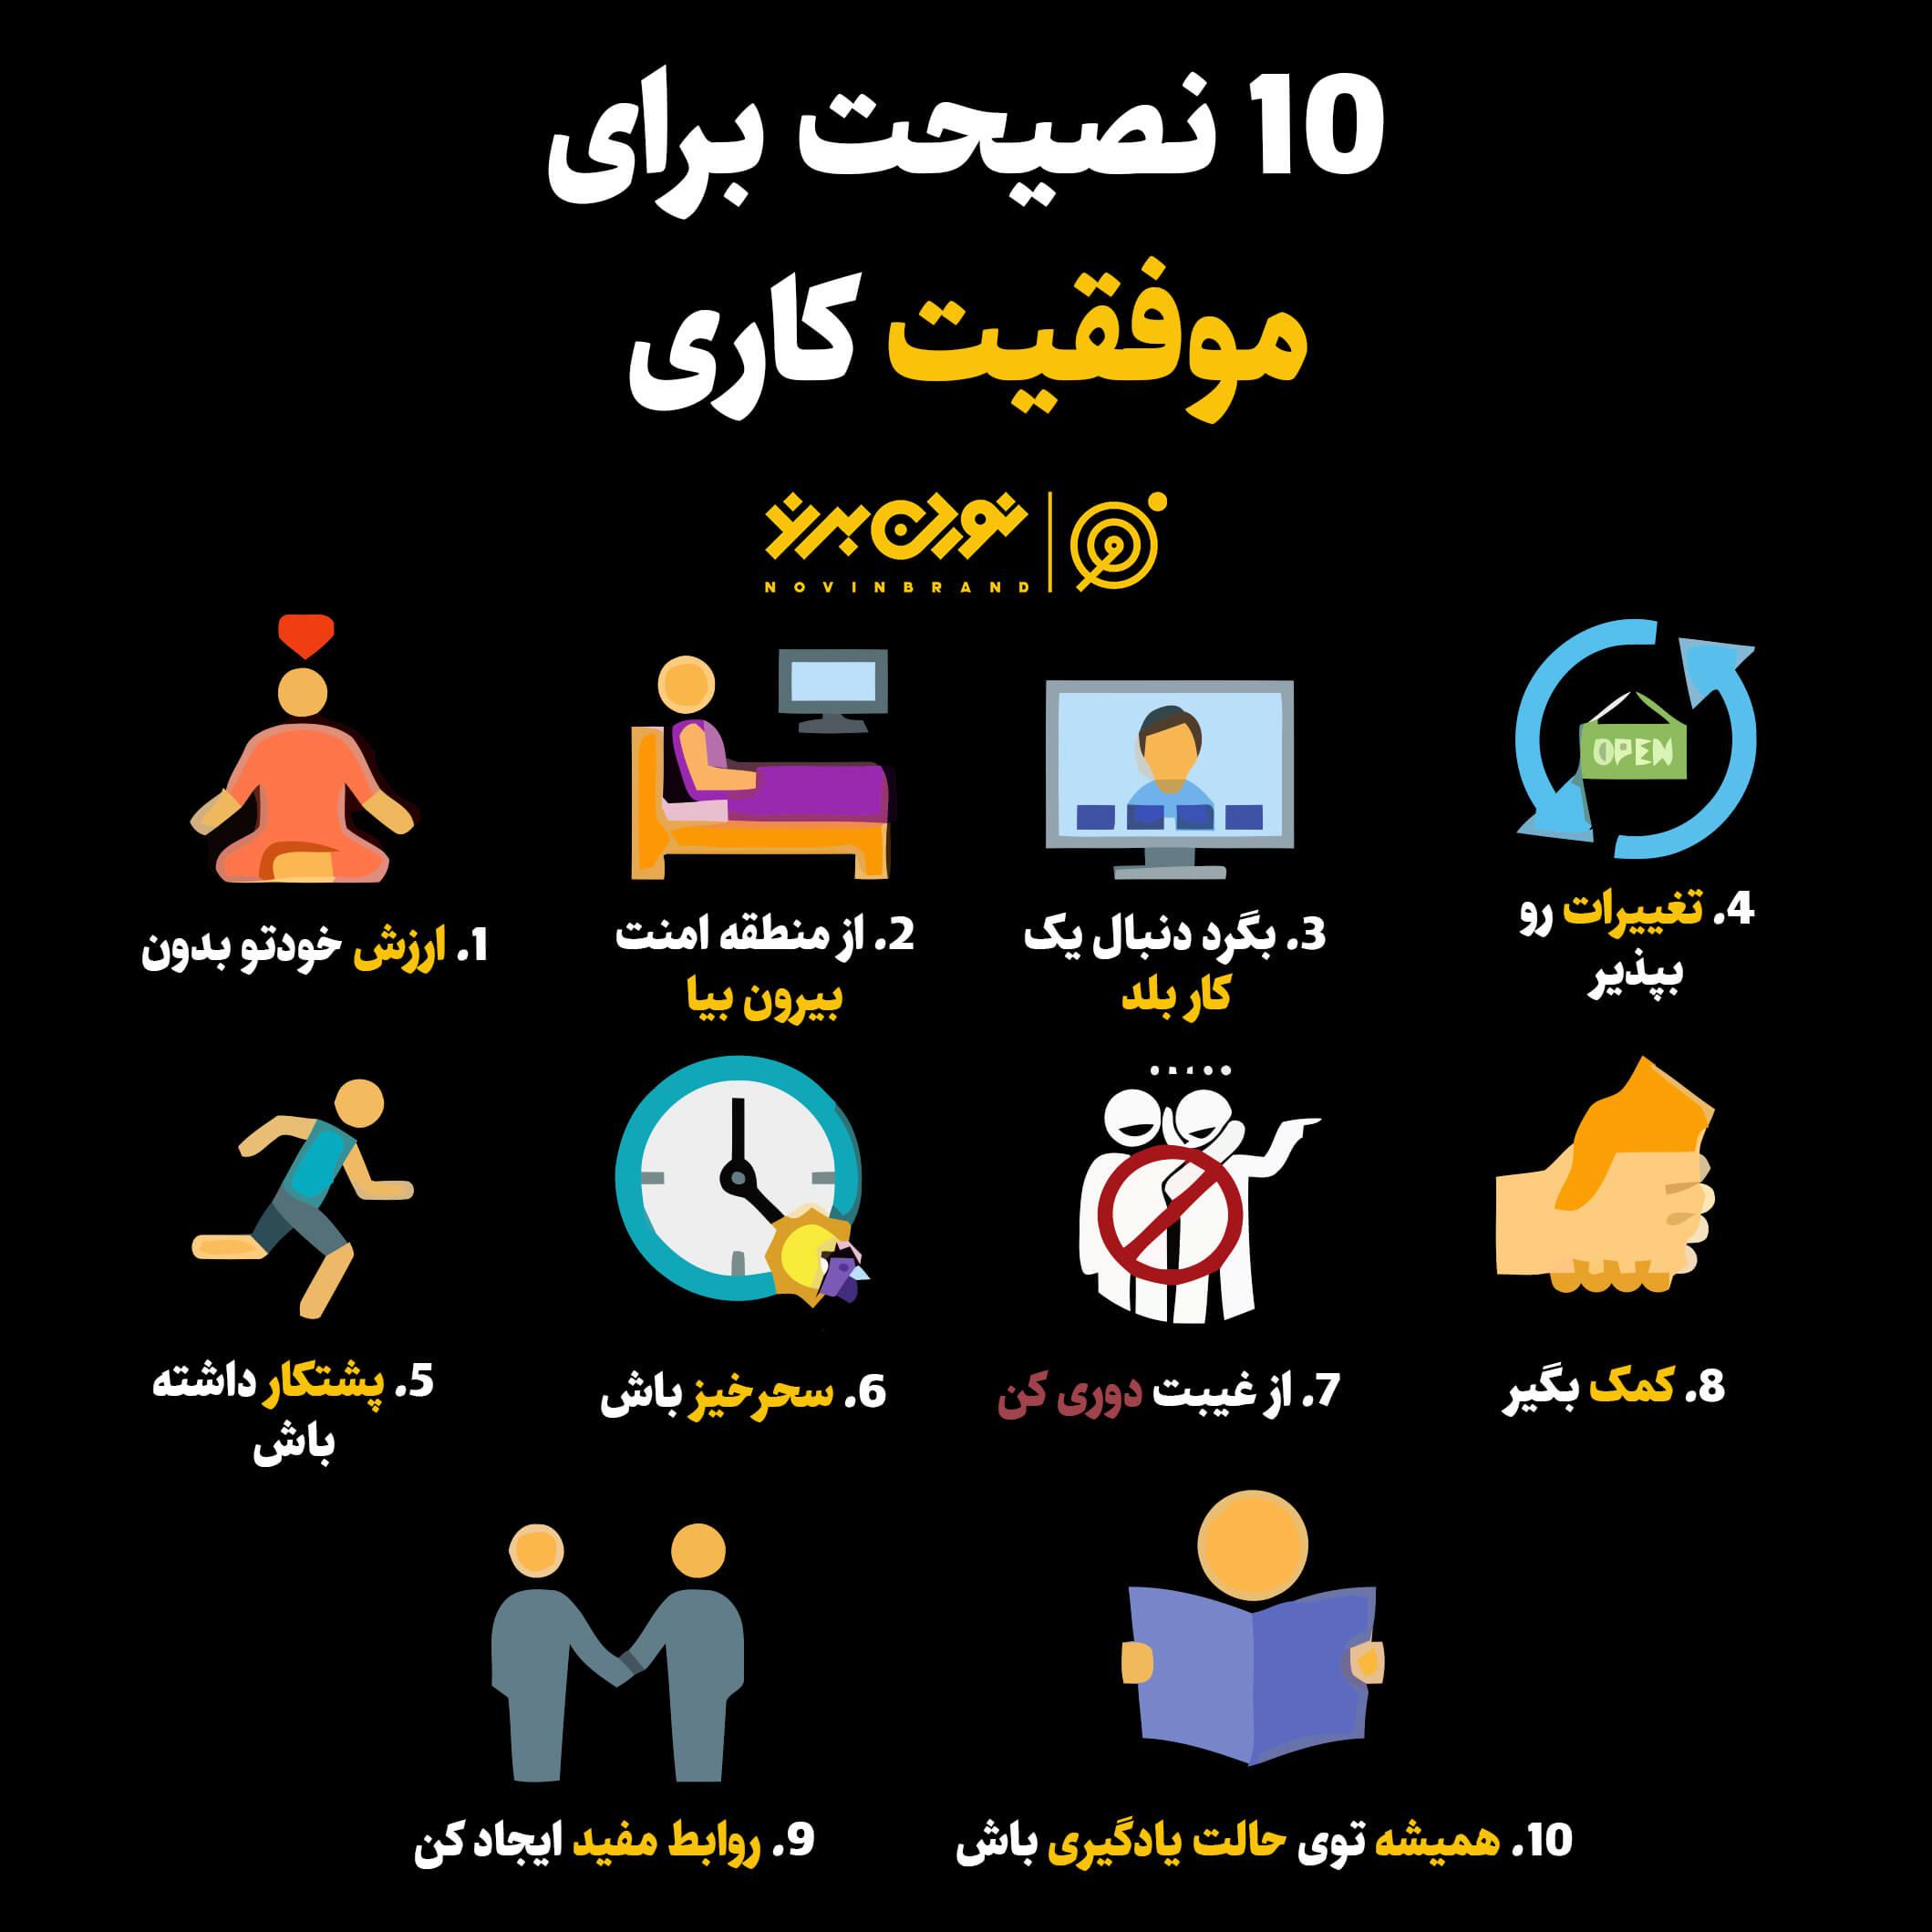 10 نصیحت برای موفقیت کاری